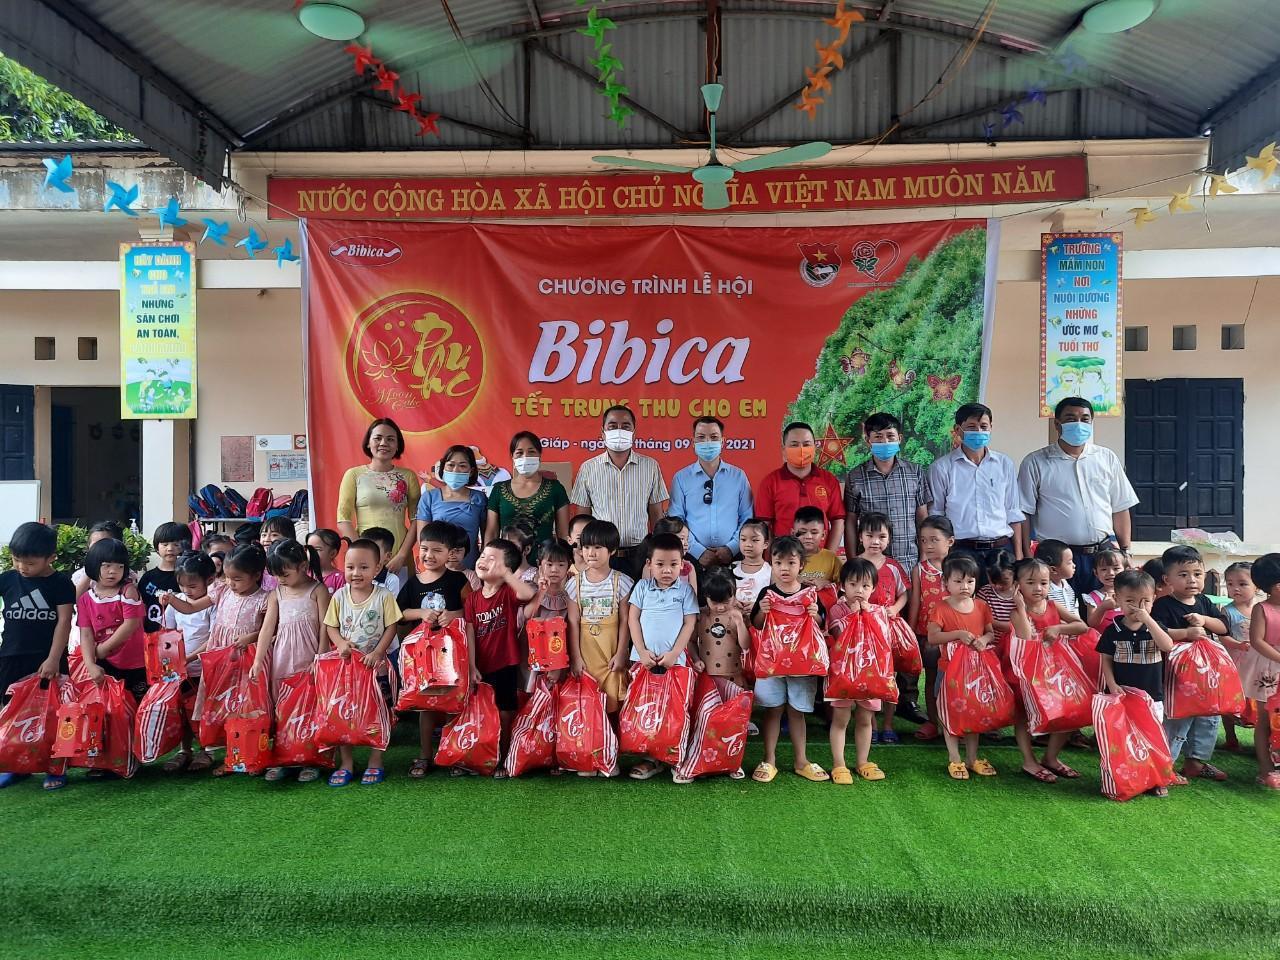 Tết Trung Thu Cho Em – Mùa 2 đã được Bibica triển khai tại 17 tỉnh thành trên toàn quốc